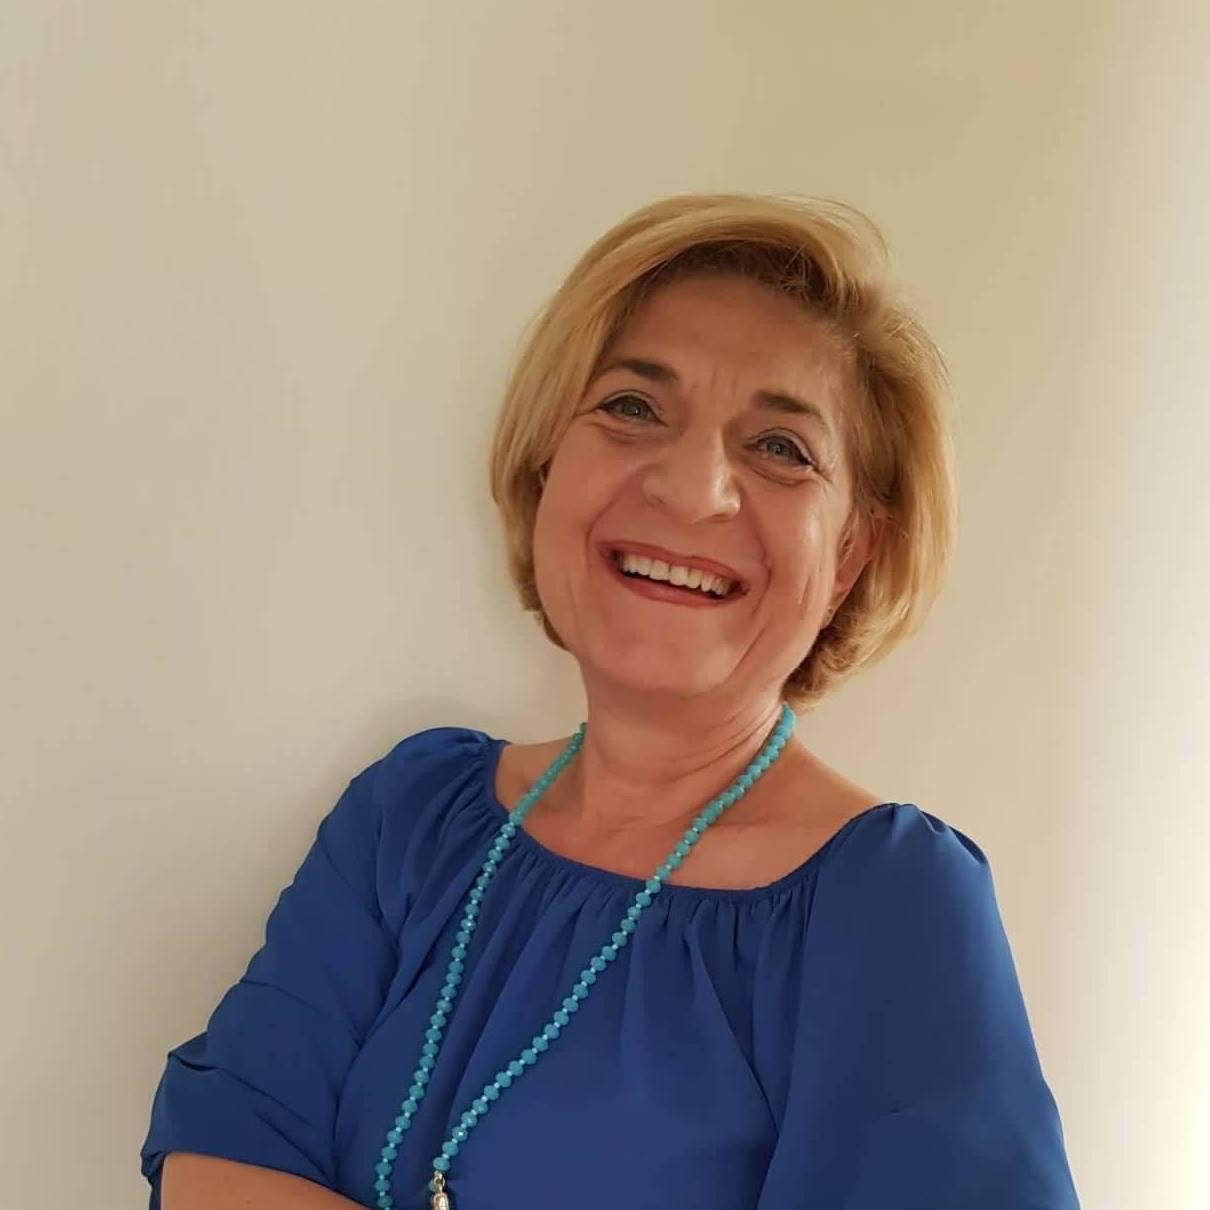 Ελένη Κωνσταντοπούλου - Eleni Konstantopoulou